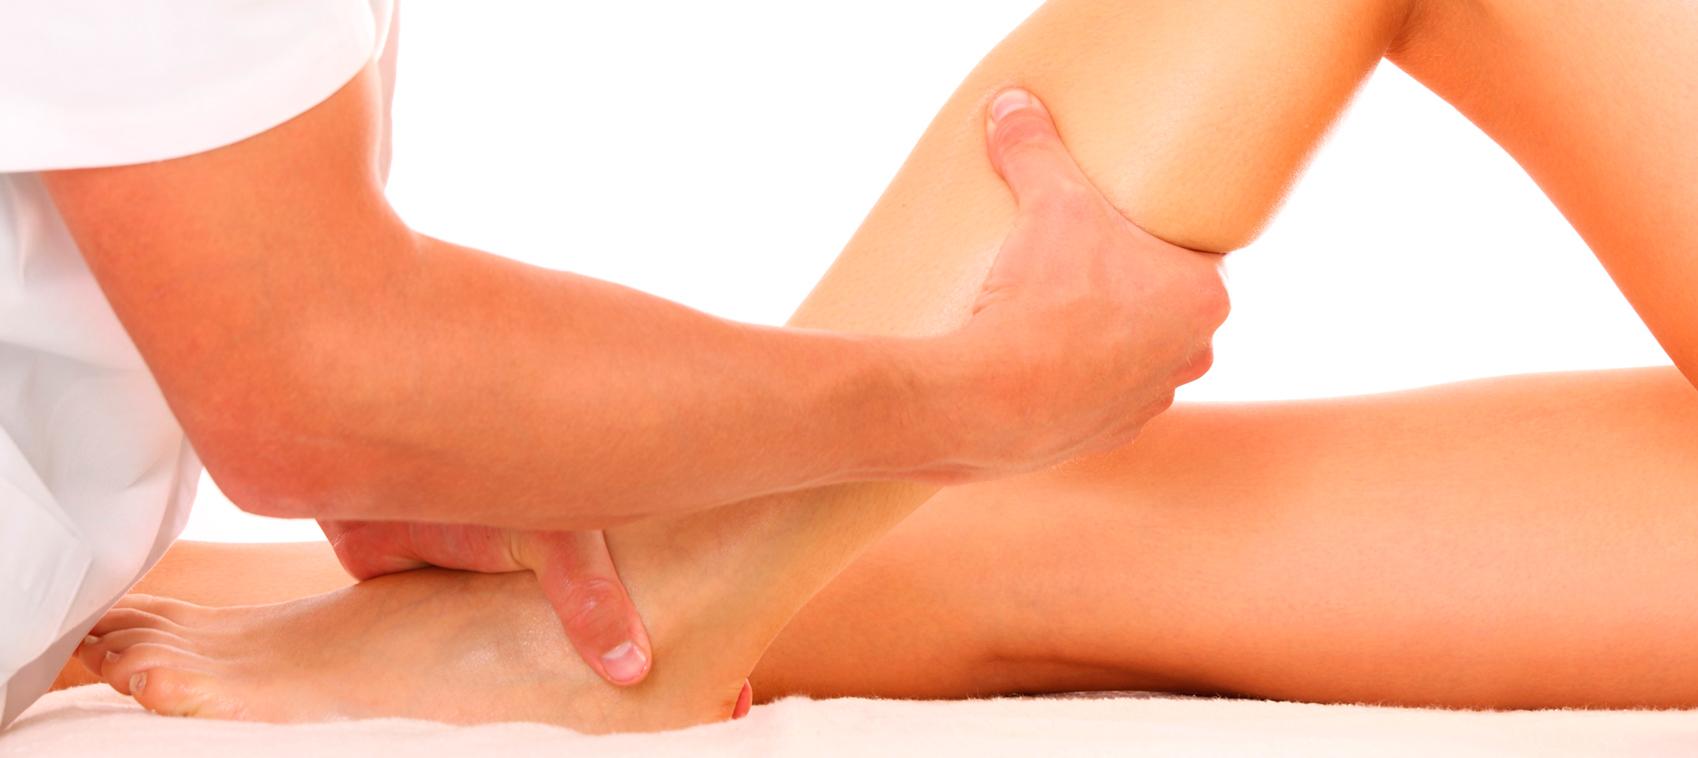 soft-Tissue-massage